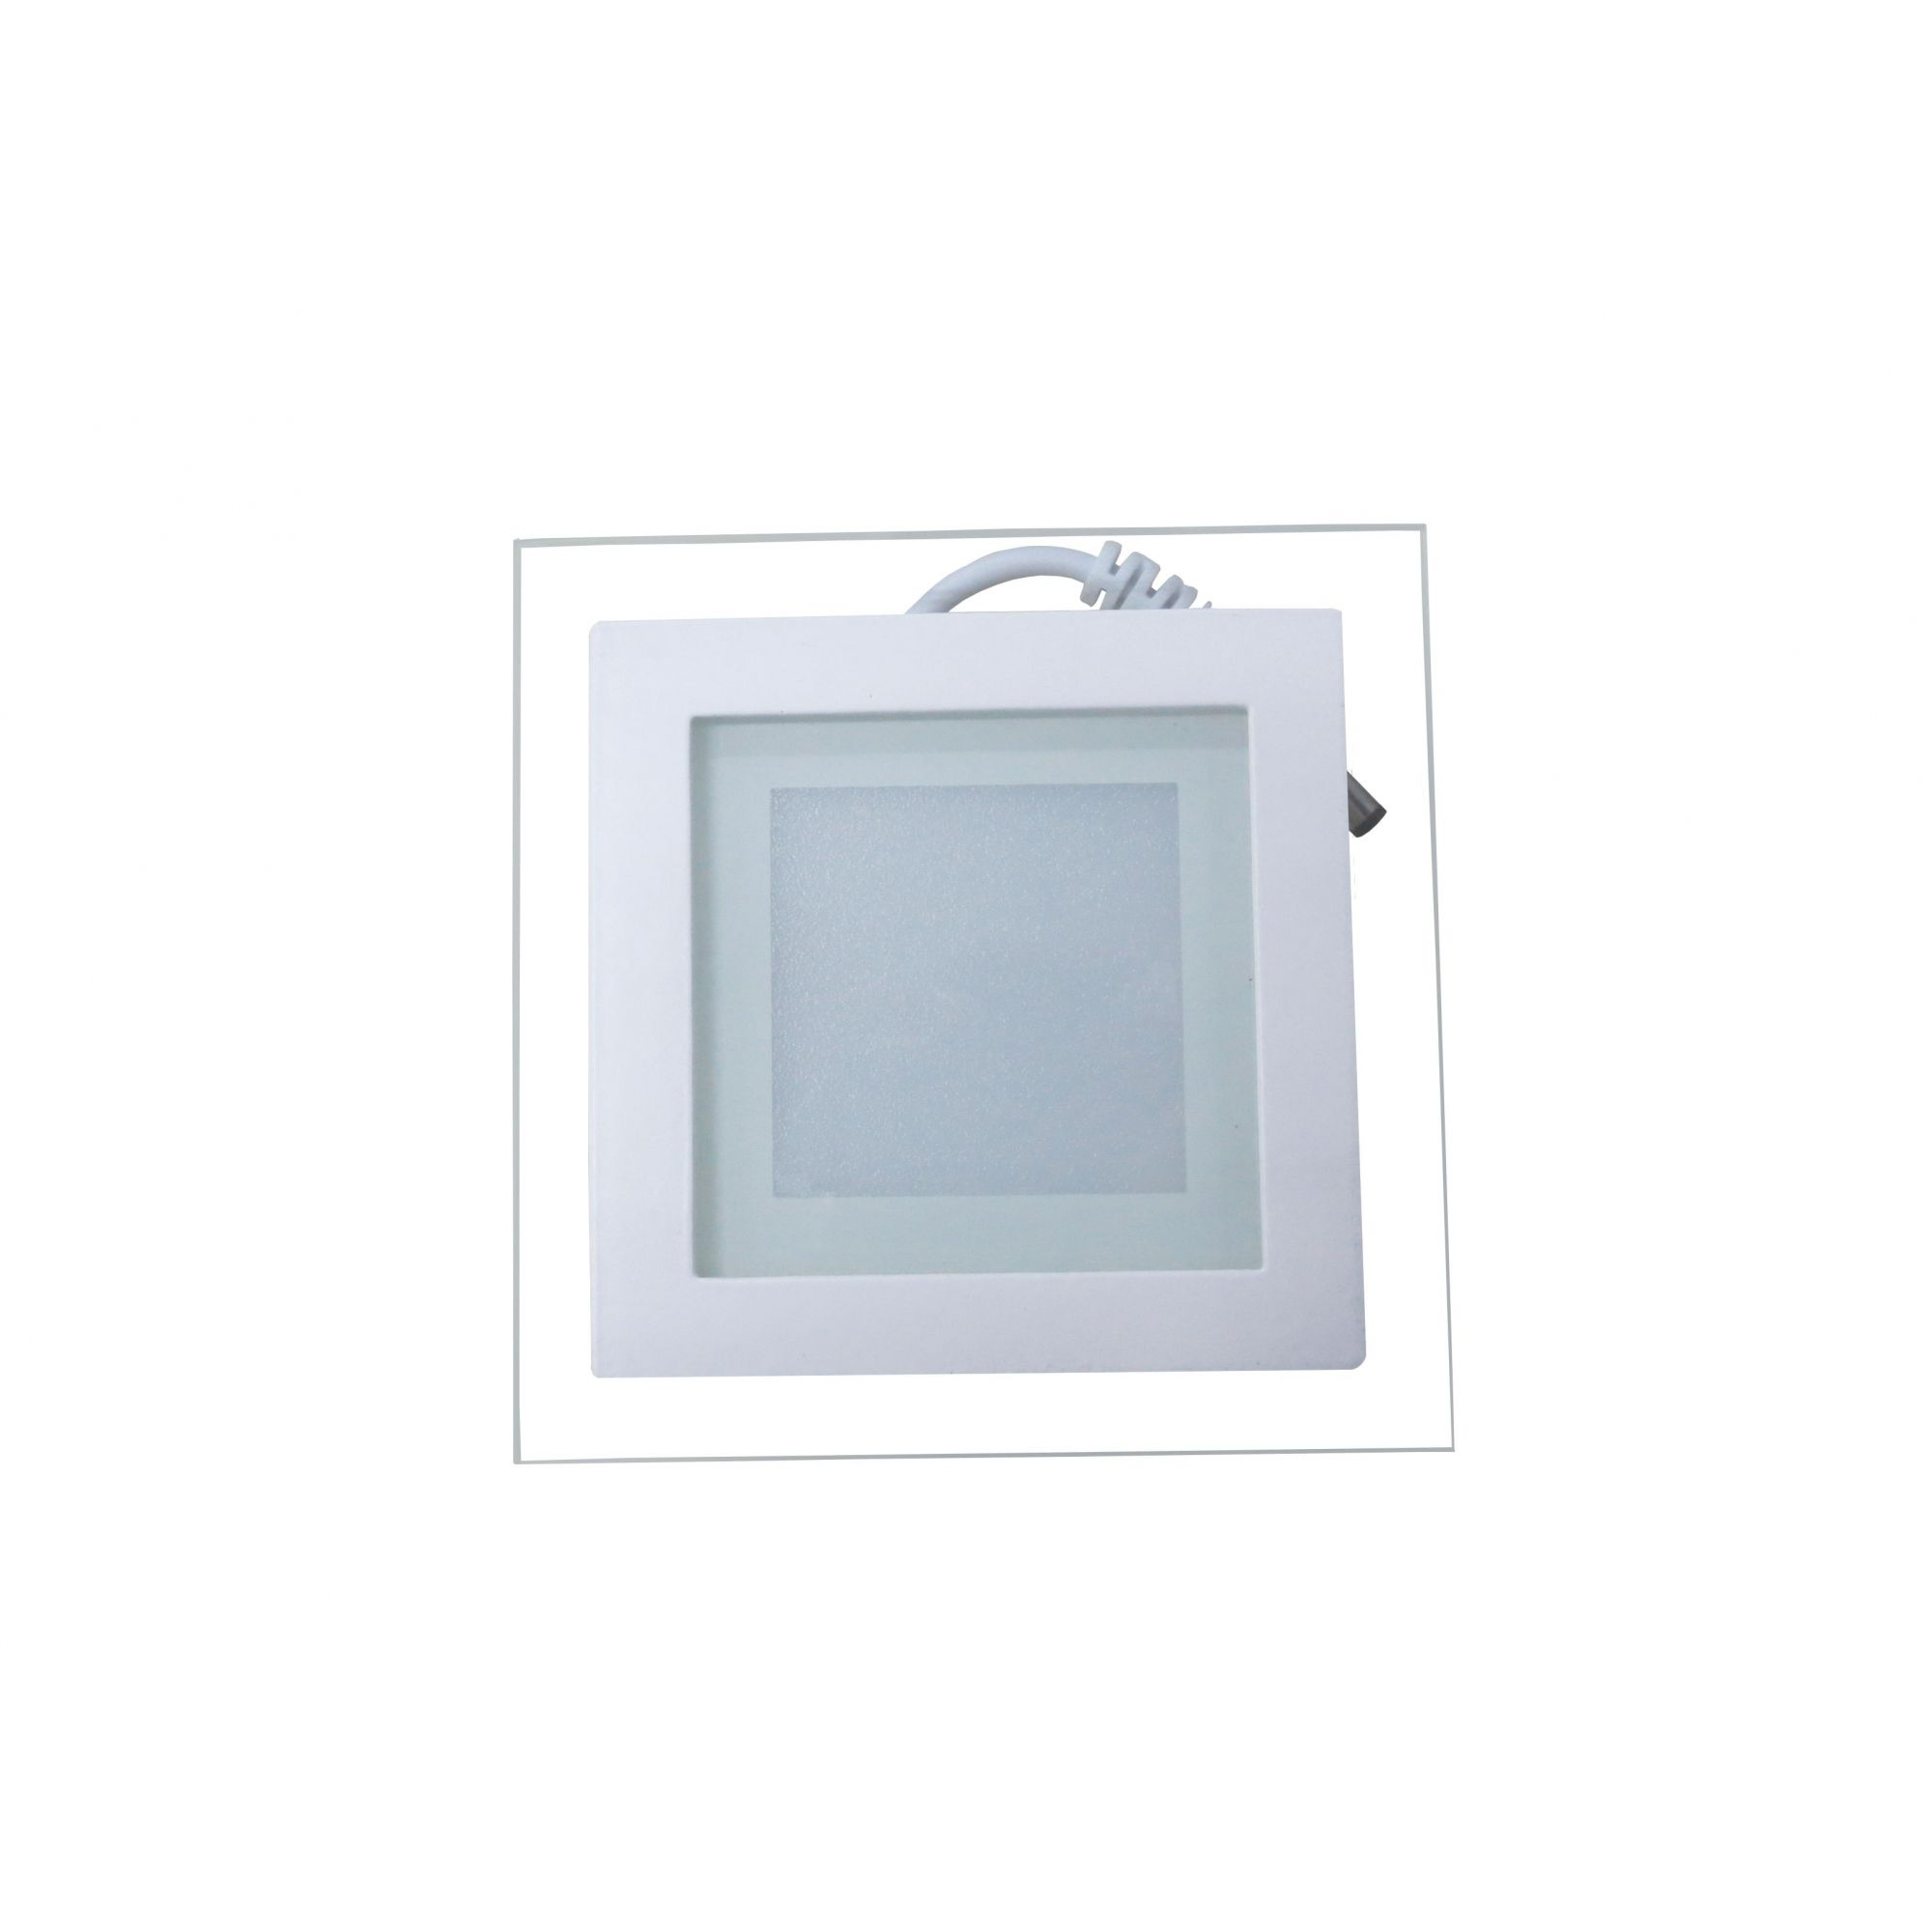 Luminária Plafon LED 6w de Vidro Embutir Branco Frio Redonda - Luxtek